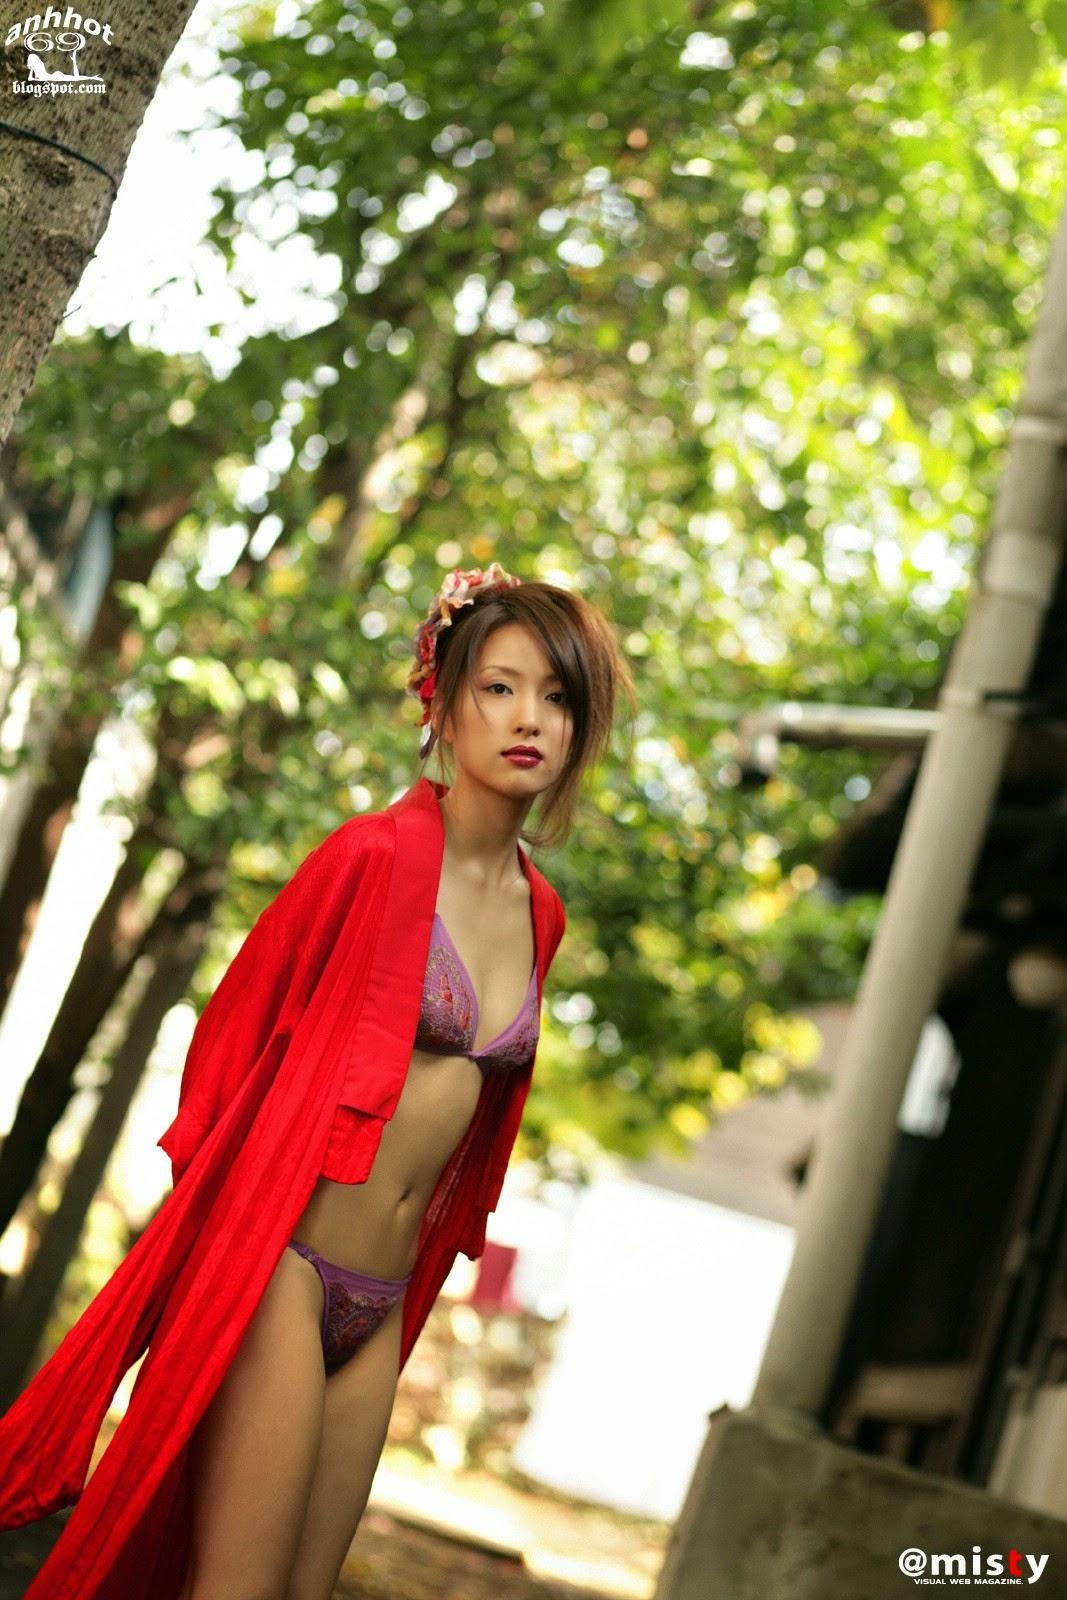 saki-seto-00409195